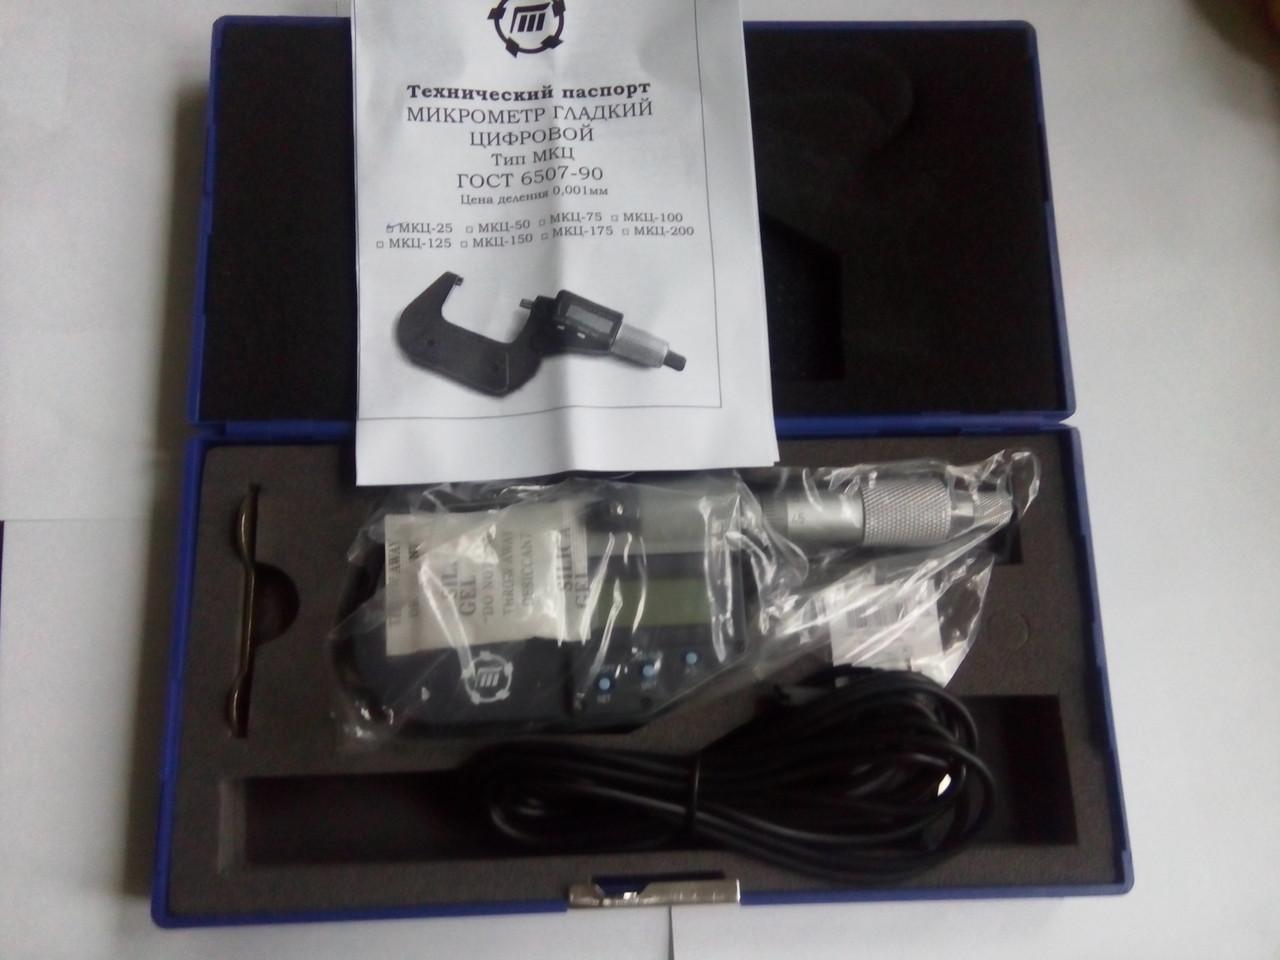 Микрометр МКЦ цифровой (ГОСТ 6507-90)цена деления 0,001мм (Возможна калибровка в УкрЦСМ)